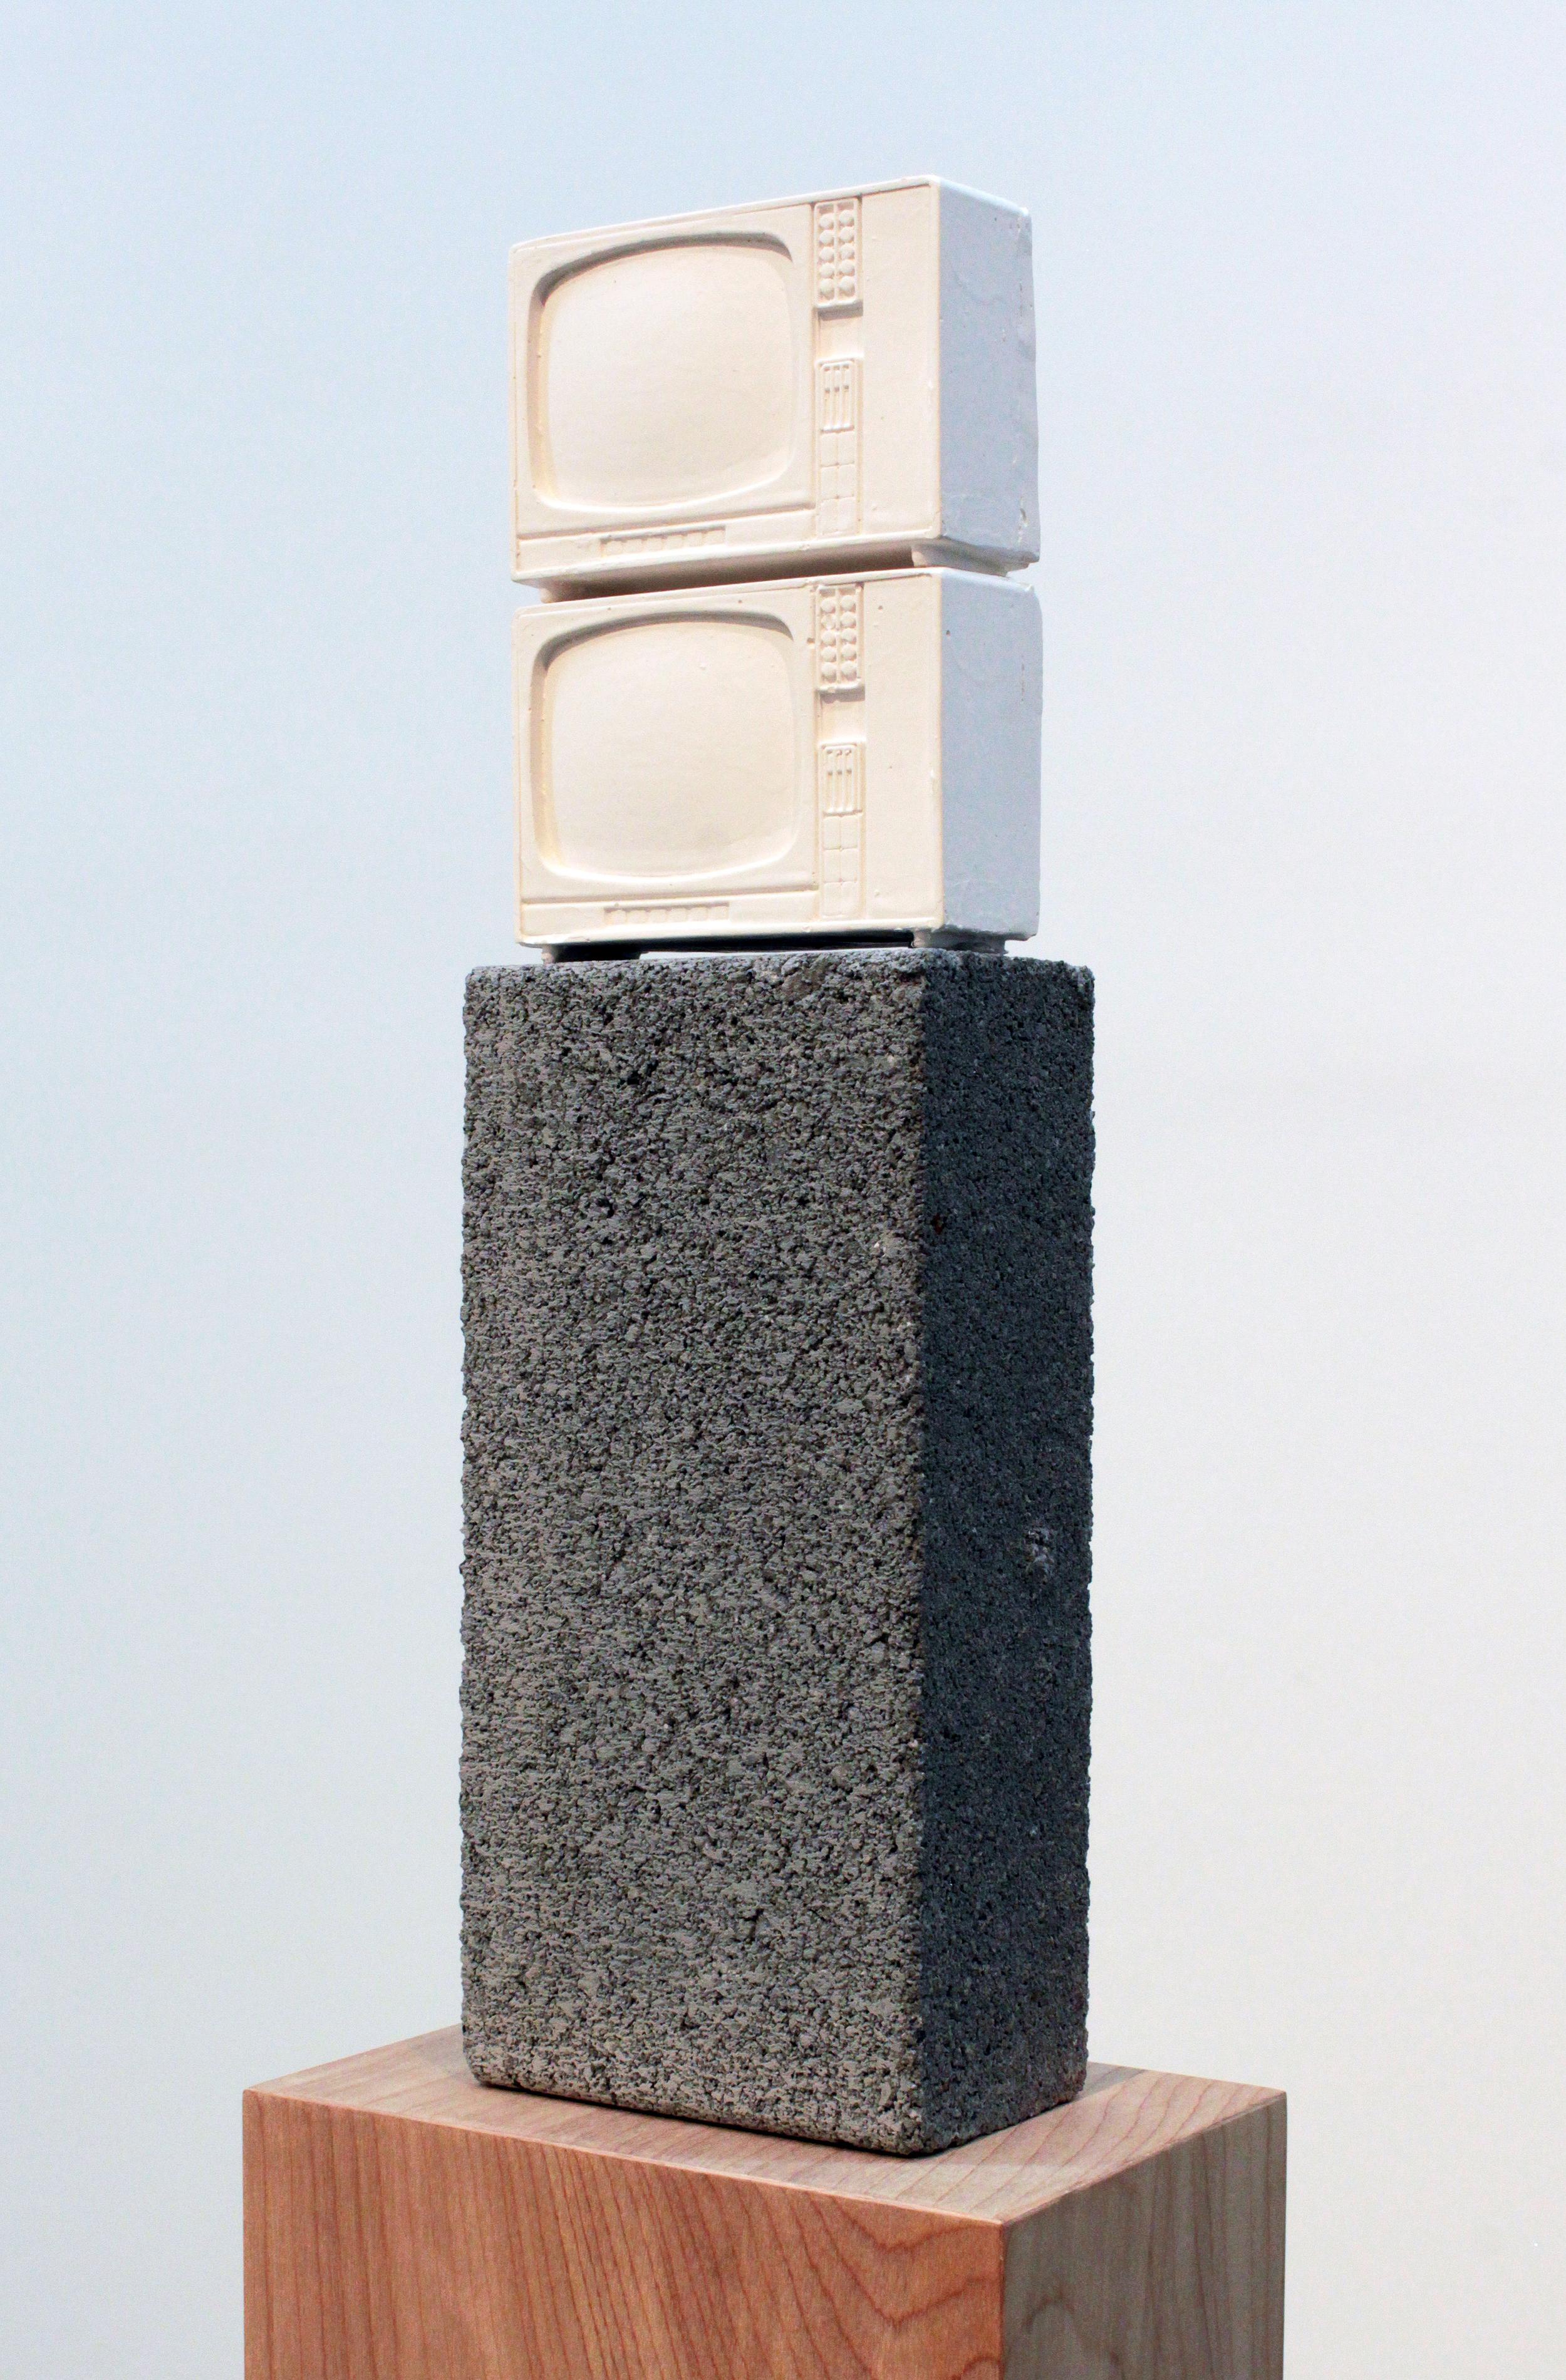 Esperanza Mayobre © 2010  ,   Monumento a la TV (y a Brancusi)  . Hydrocal, wood, concrete block. 50 x 7 x 5 in. Courtesy of the artist.